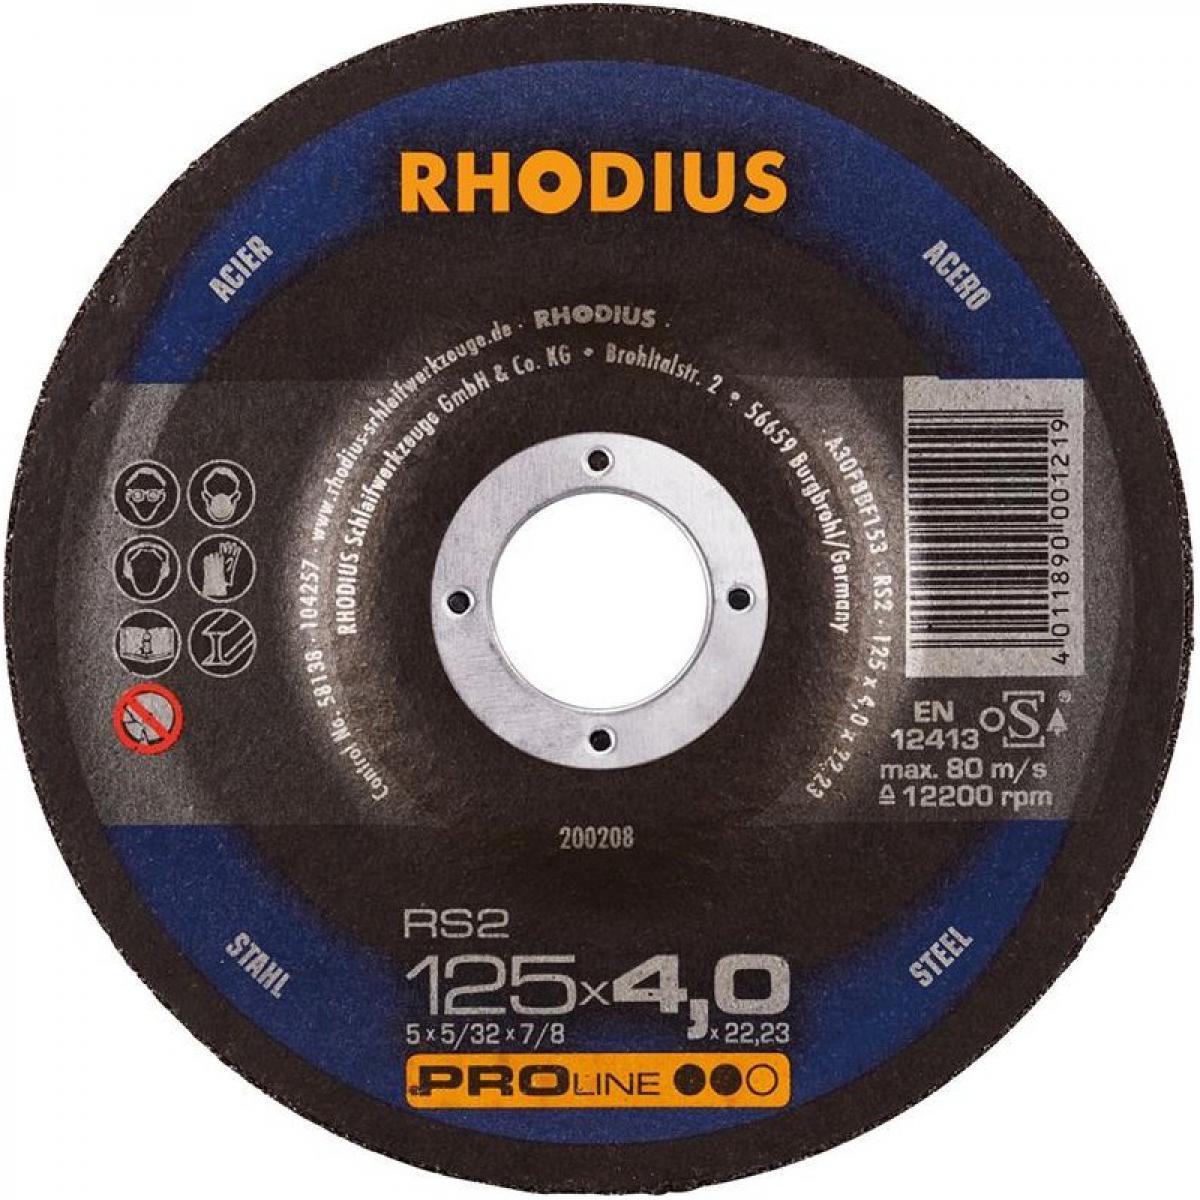 Rhodius Disque de coupe RS2 125 x 4,0mm Acier Rhodius(Par 25)